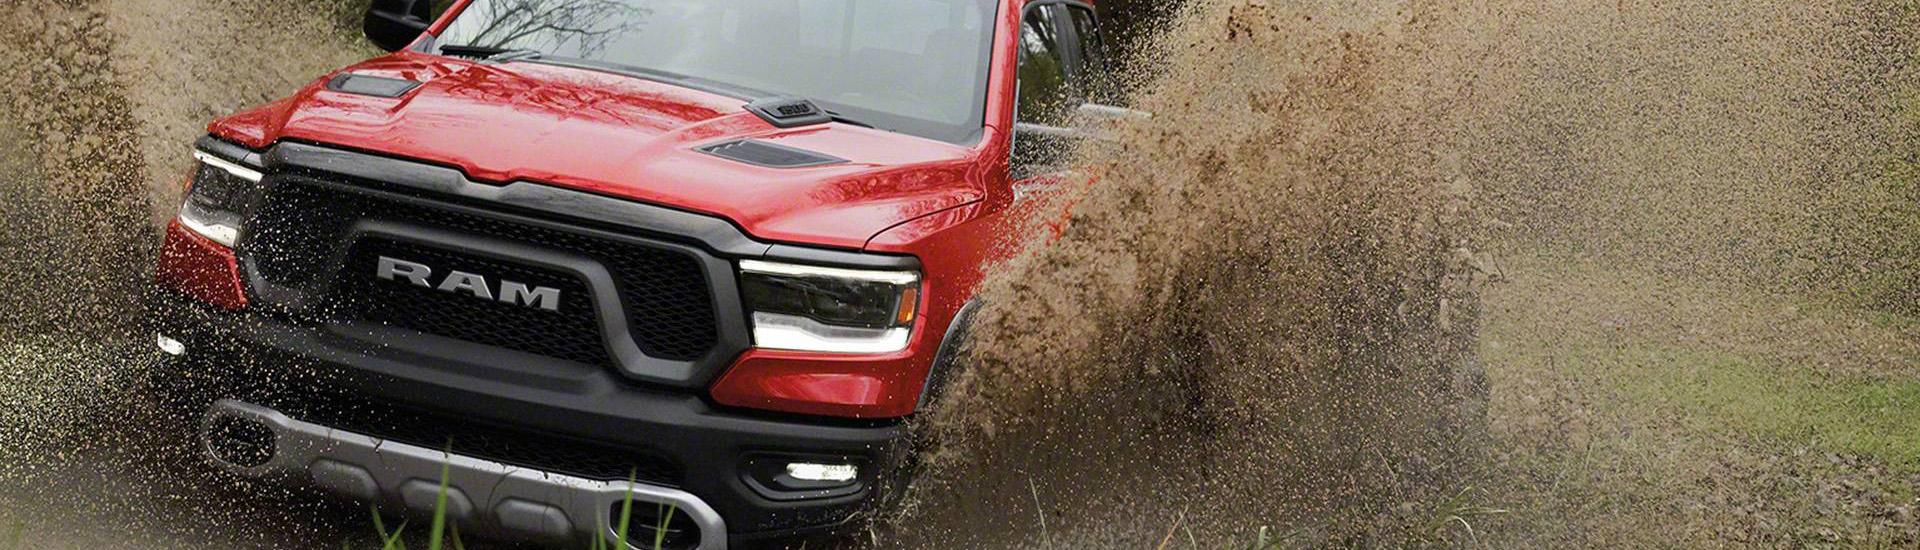 ram trucks auktoriserade återförsäljare